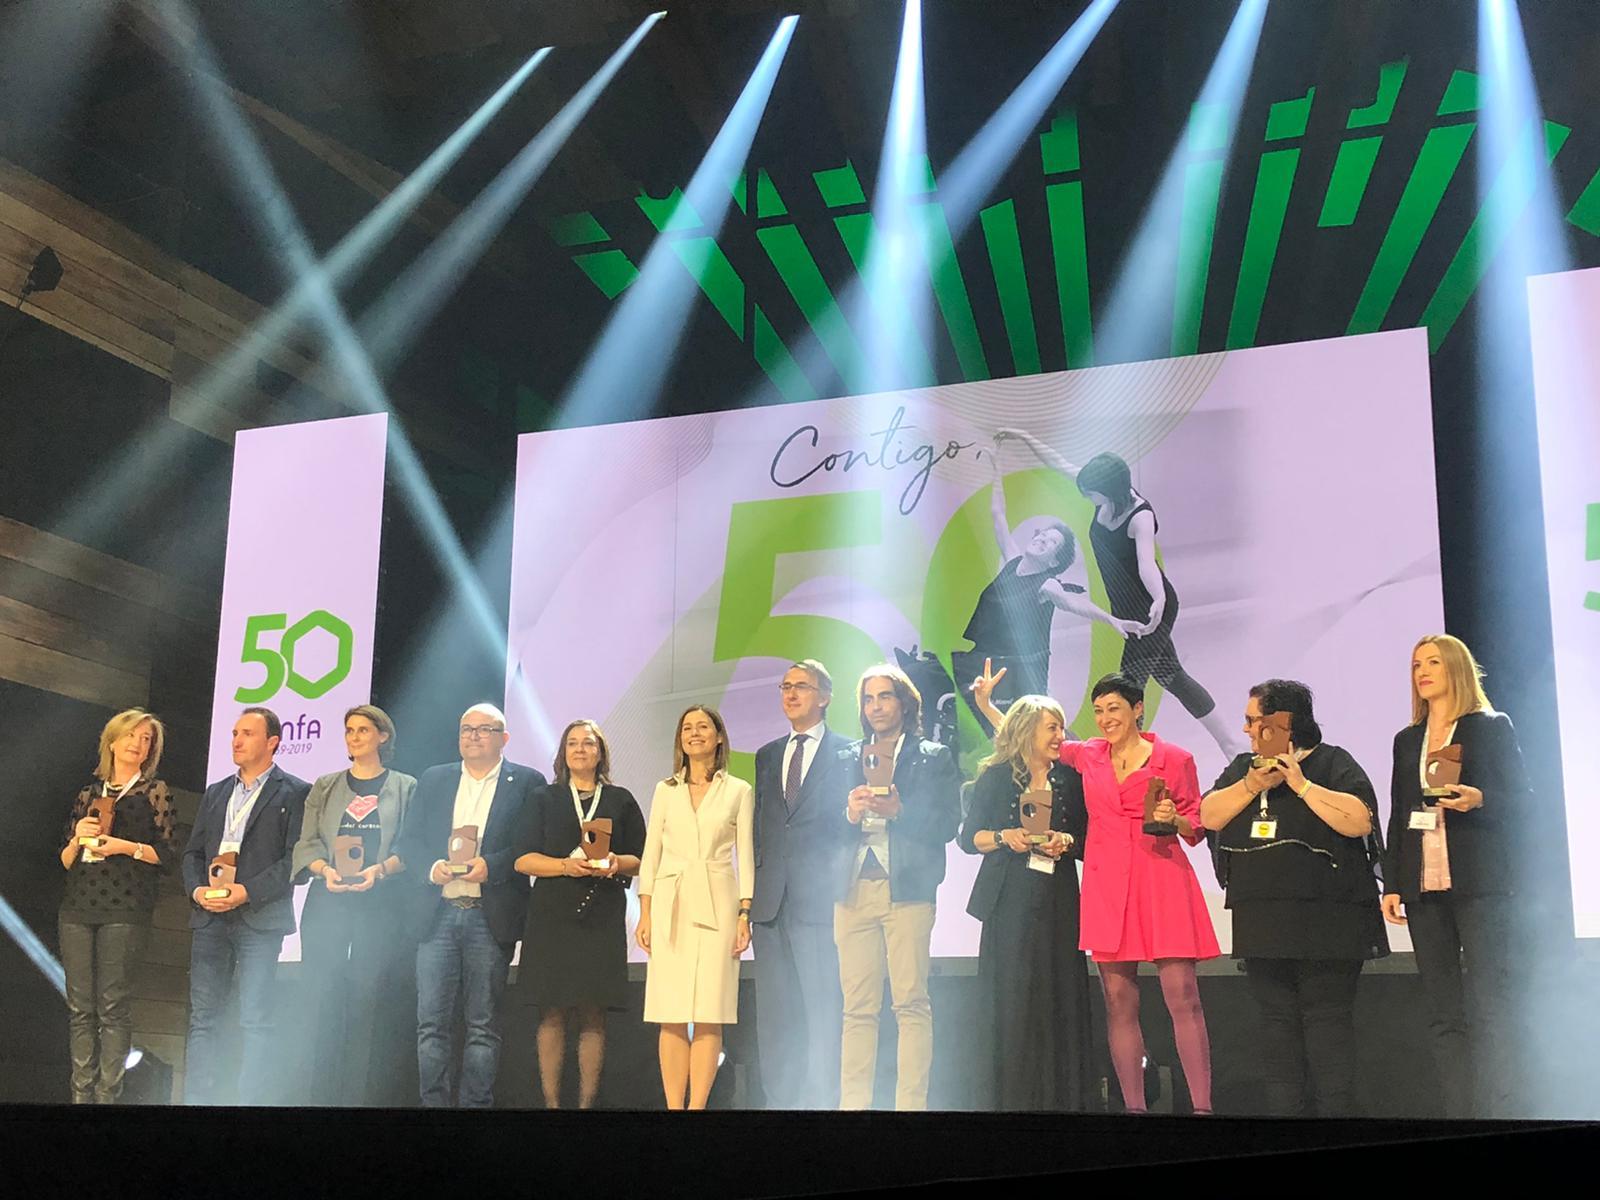 """cinfa 3 - Cinfa celebra la gala """"Contigo, 50 y más"""" en la que ha premiado a 50 asociaciones de pacientes"""